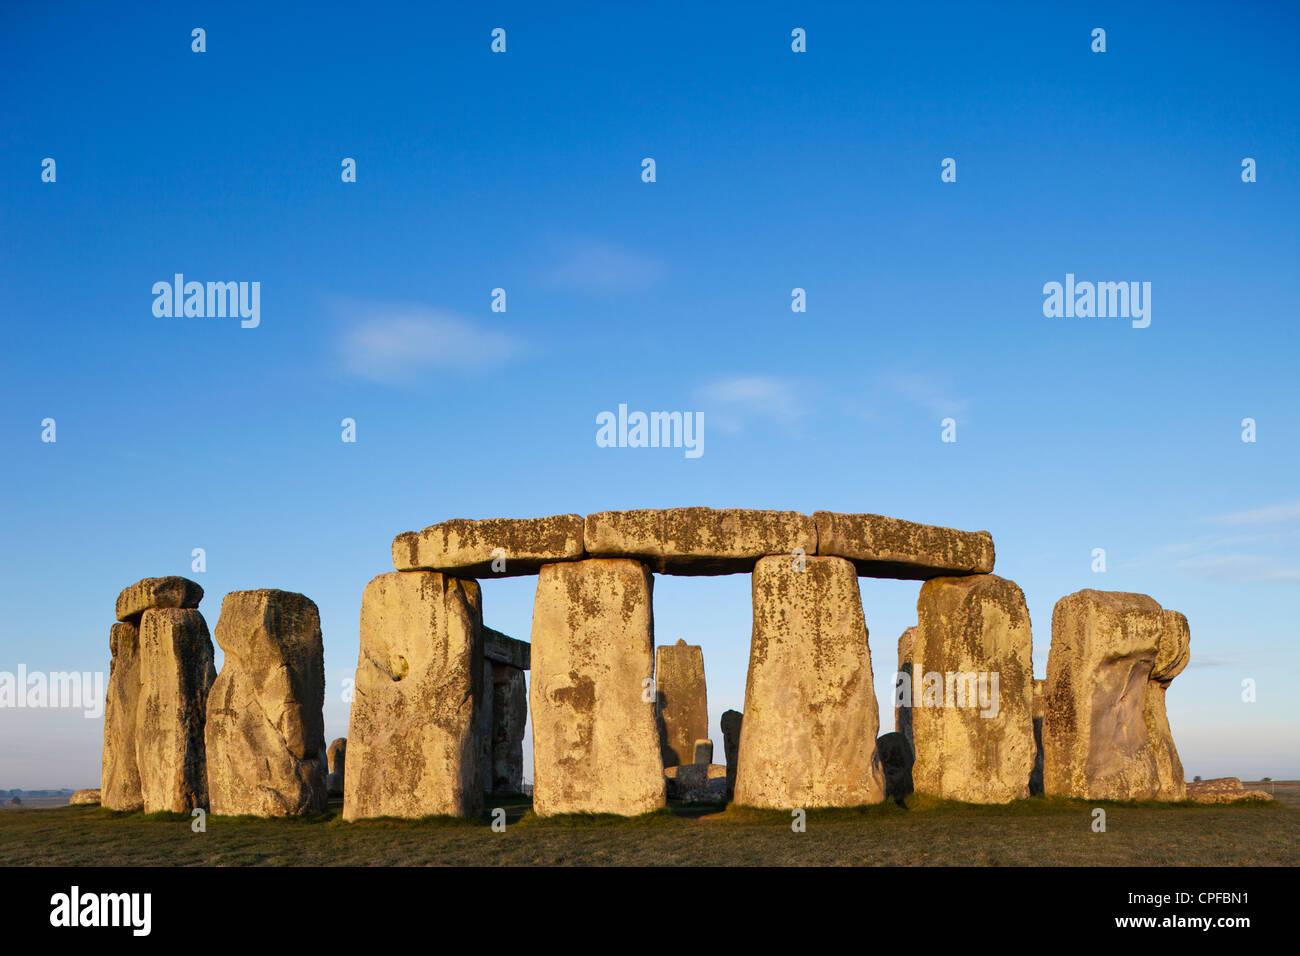 Inglaterra, Wiltshire, Stonehenge Imagens de Stock